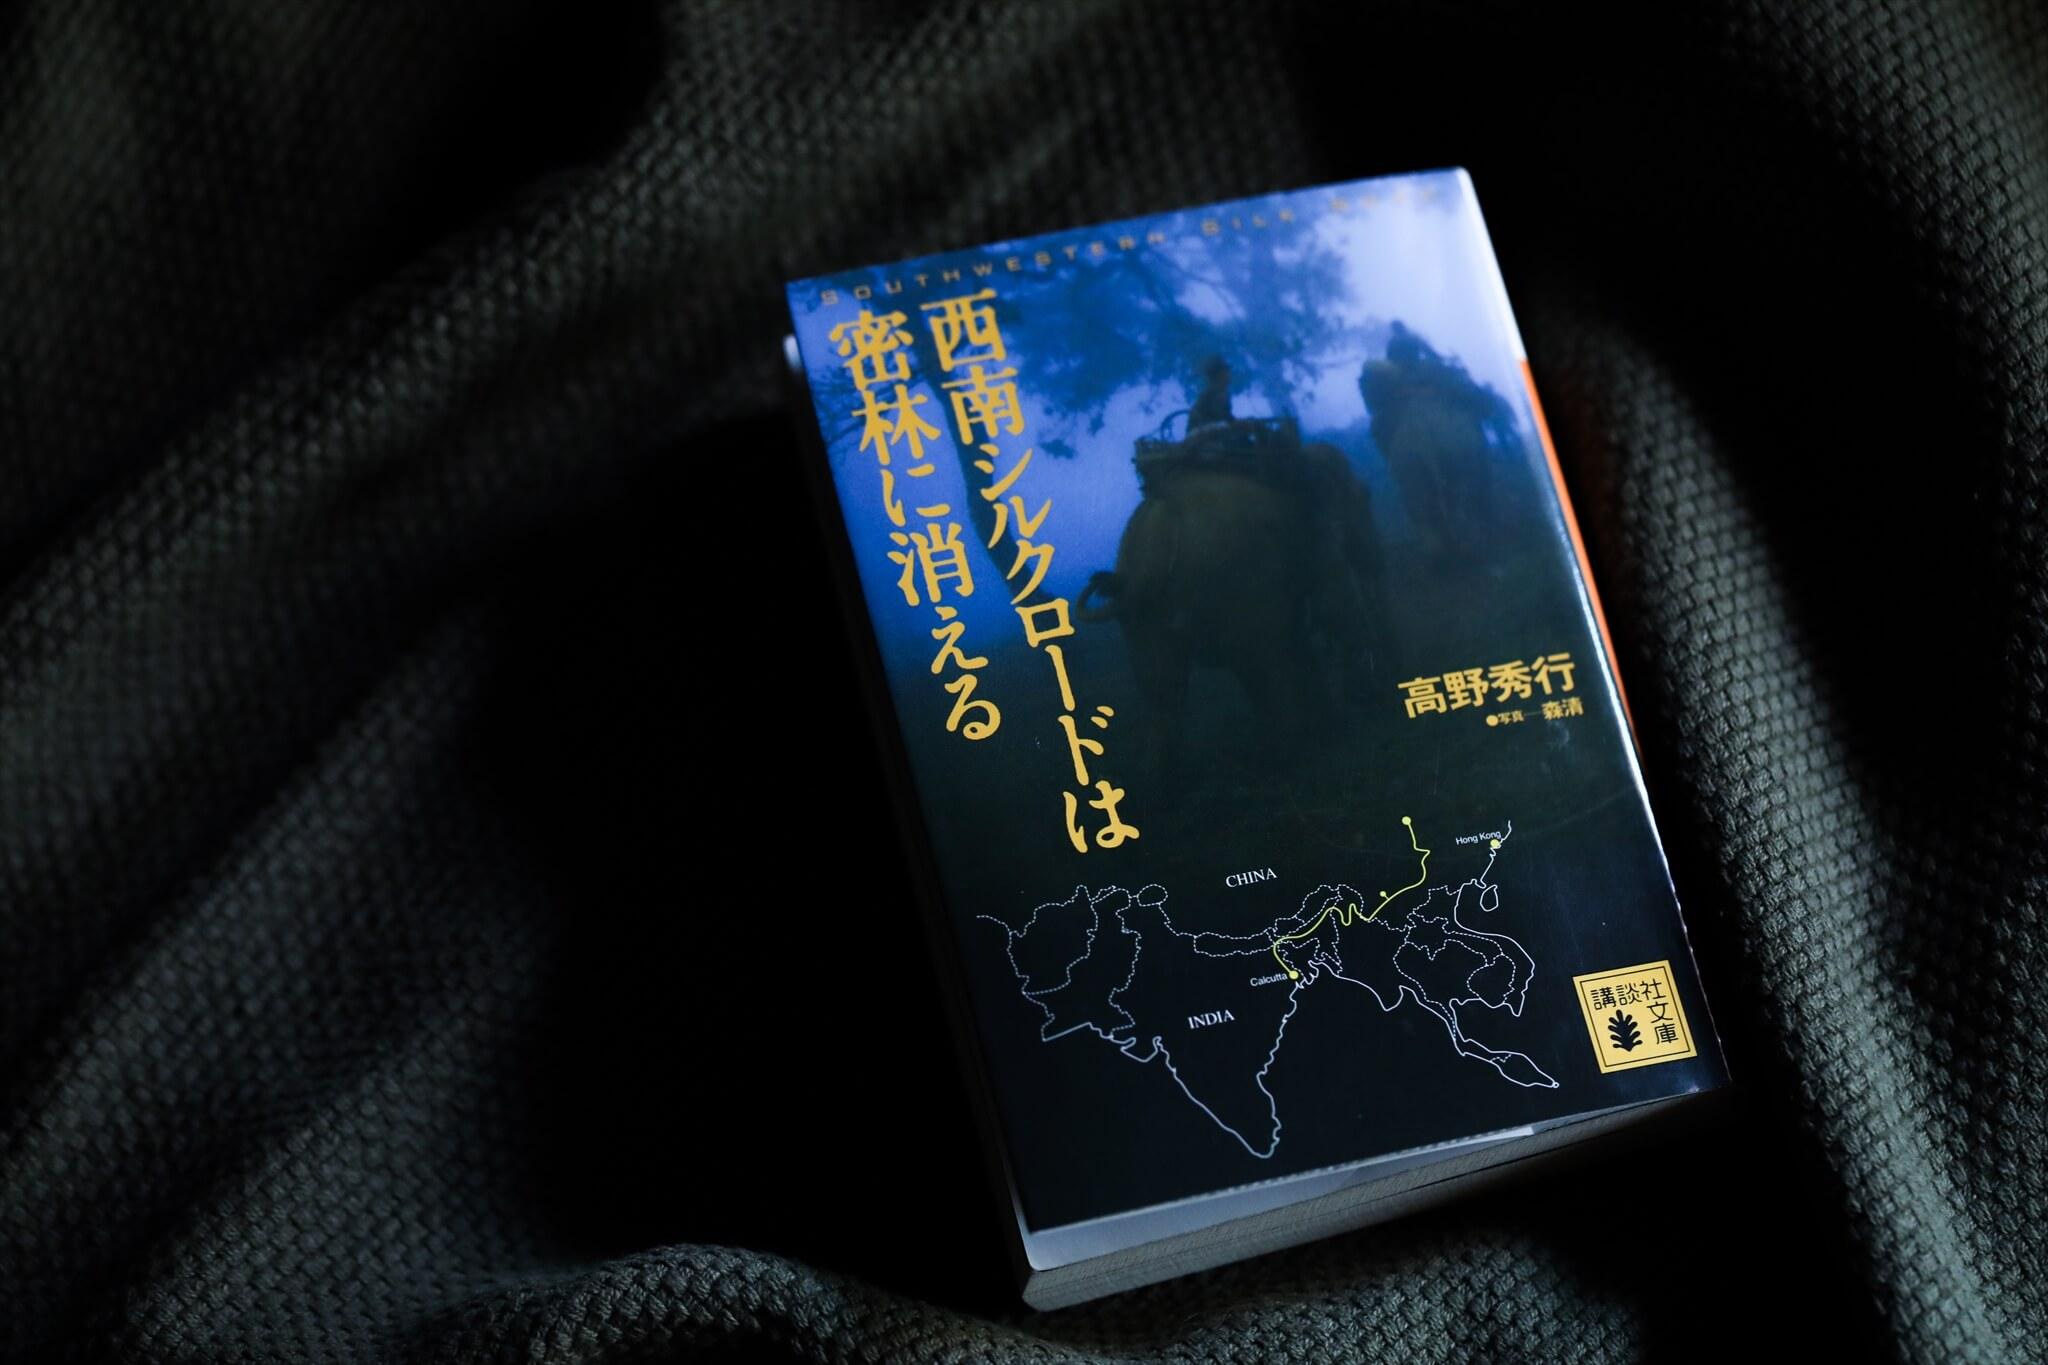 高野秀行著『西南シルクロードは密林に消える』